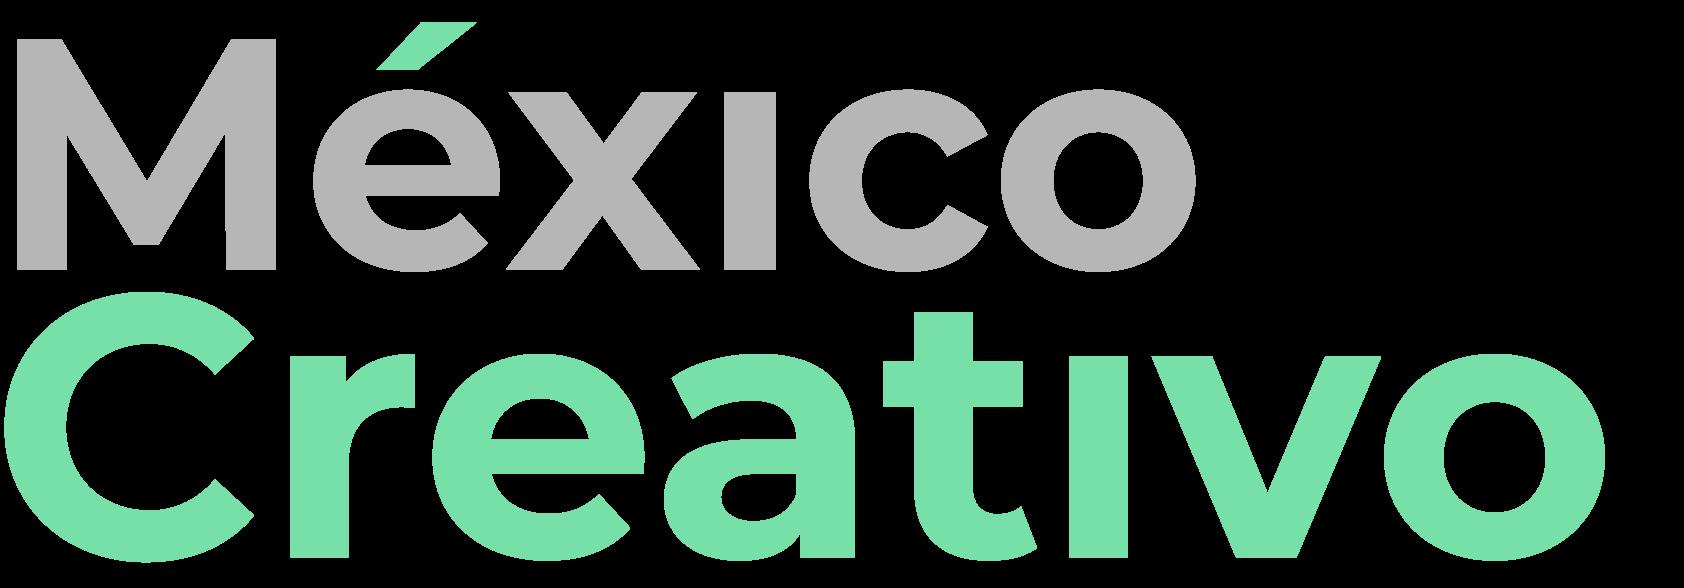 Mexico Creativo